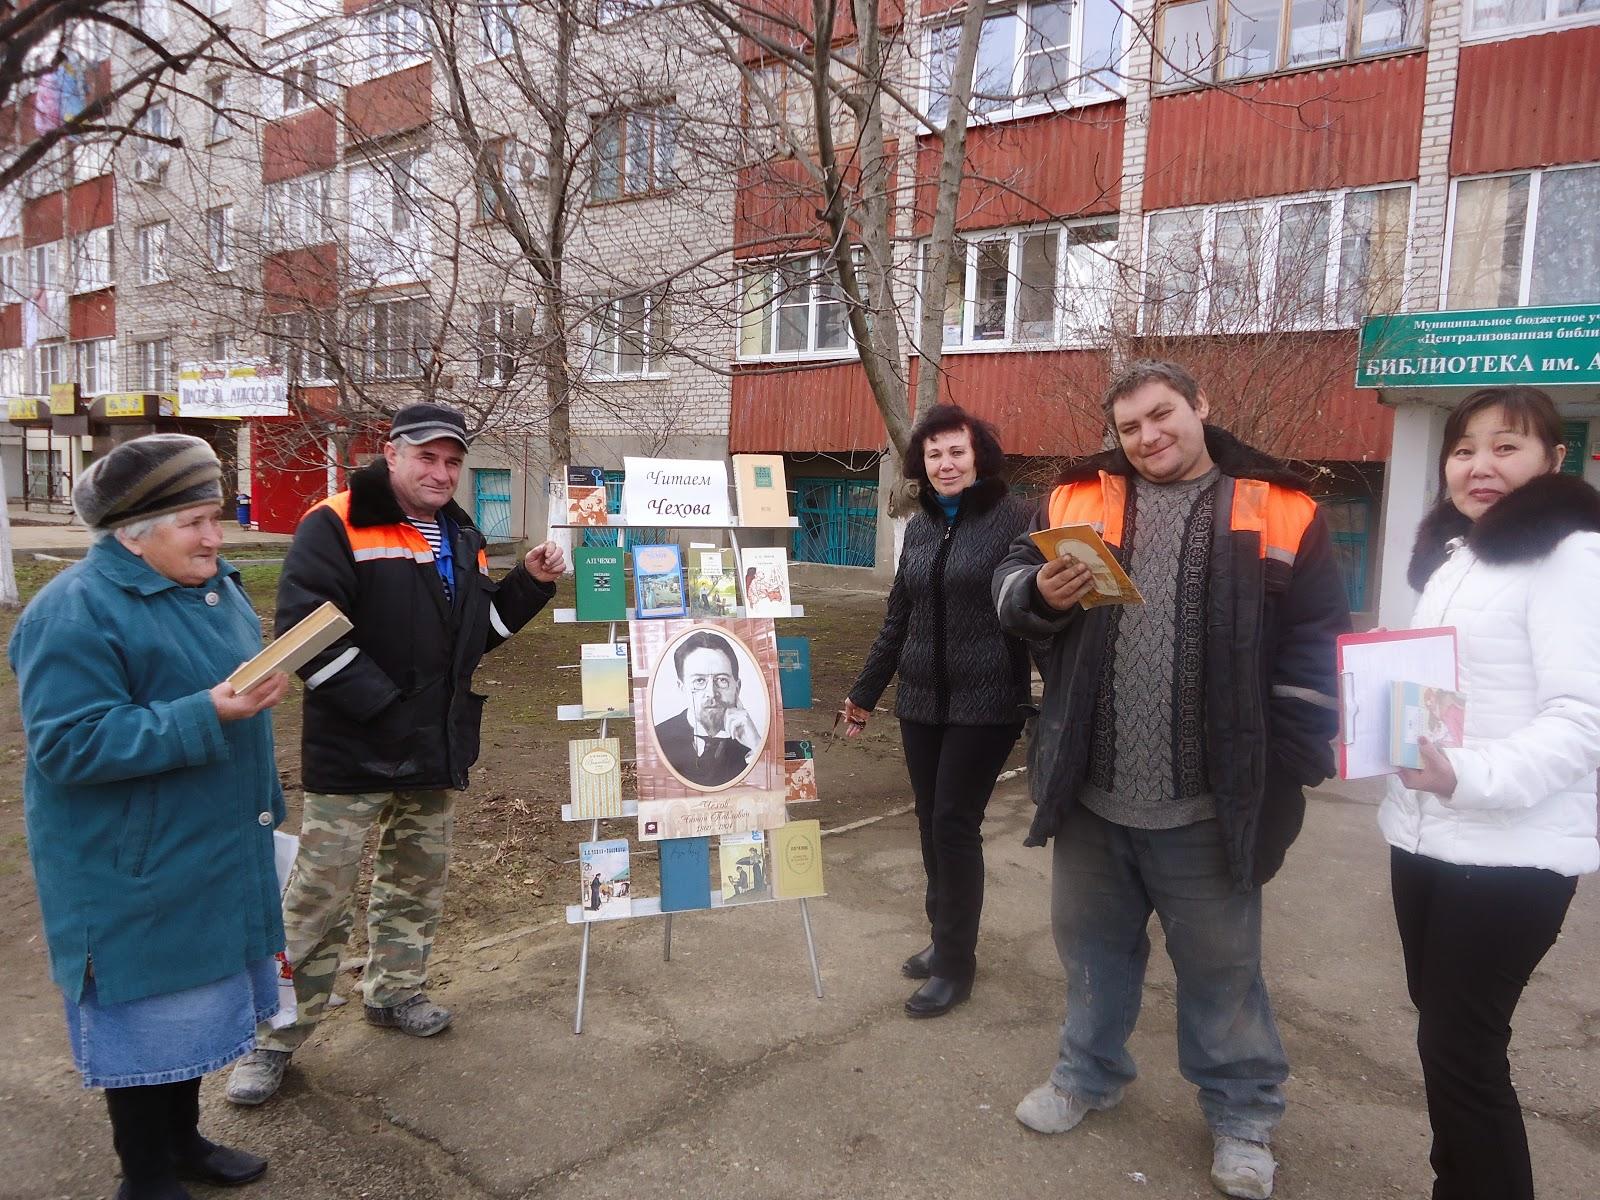 Русские студенты отмечают день рождения ч 2 25 фотография